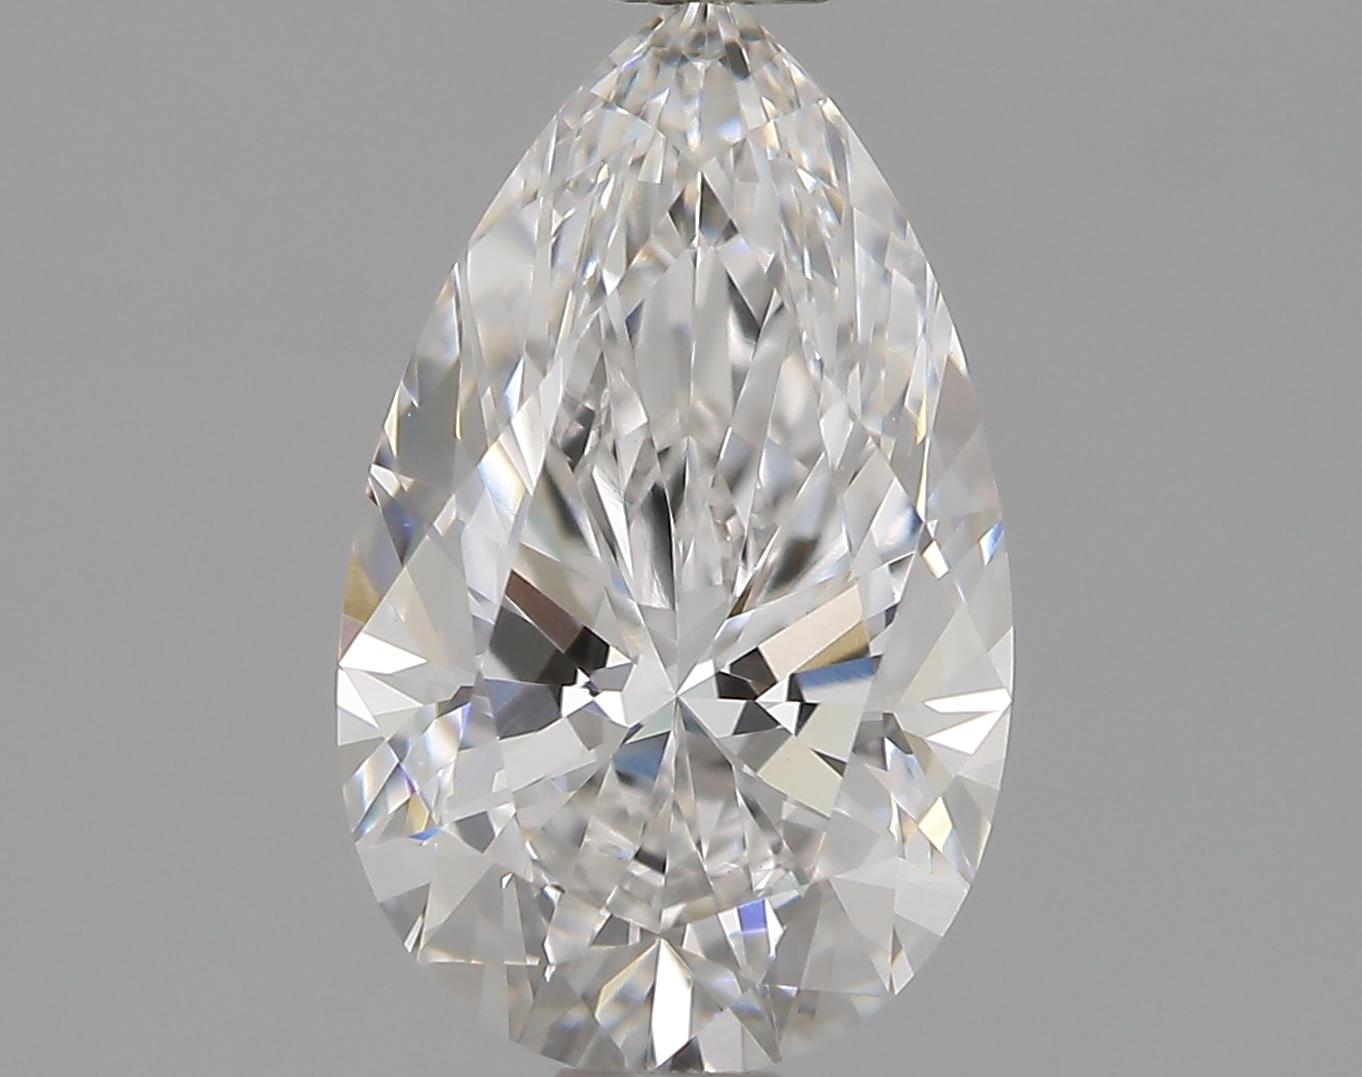 1.06 Carat F-VVS2 Ideal Pear Diamond